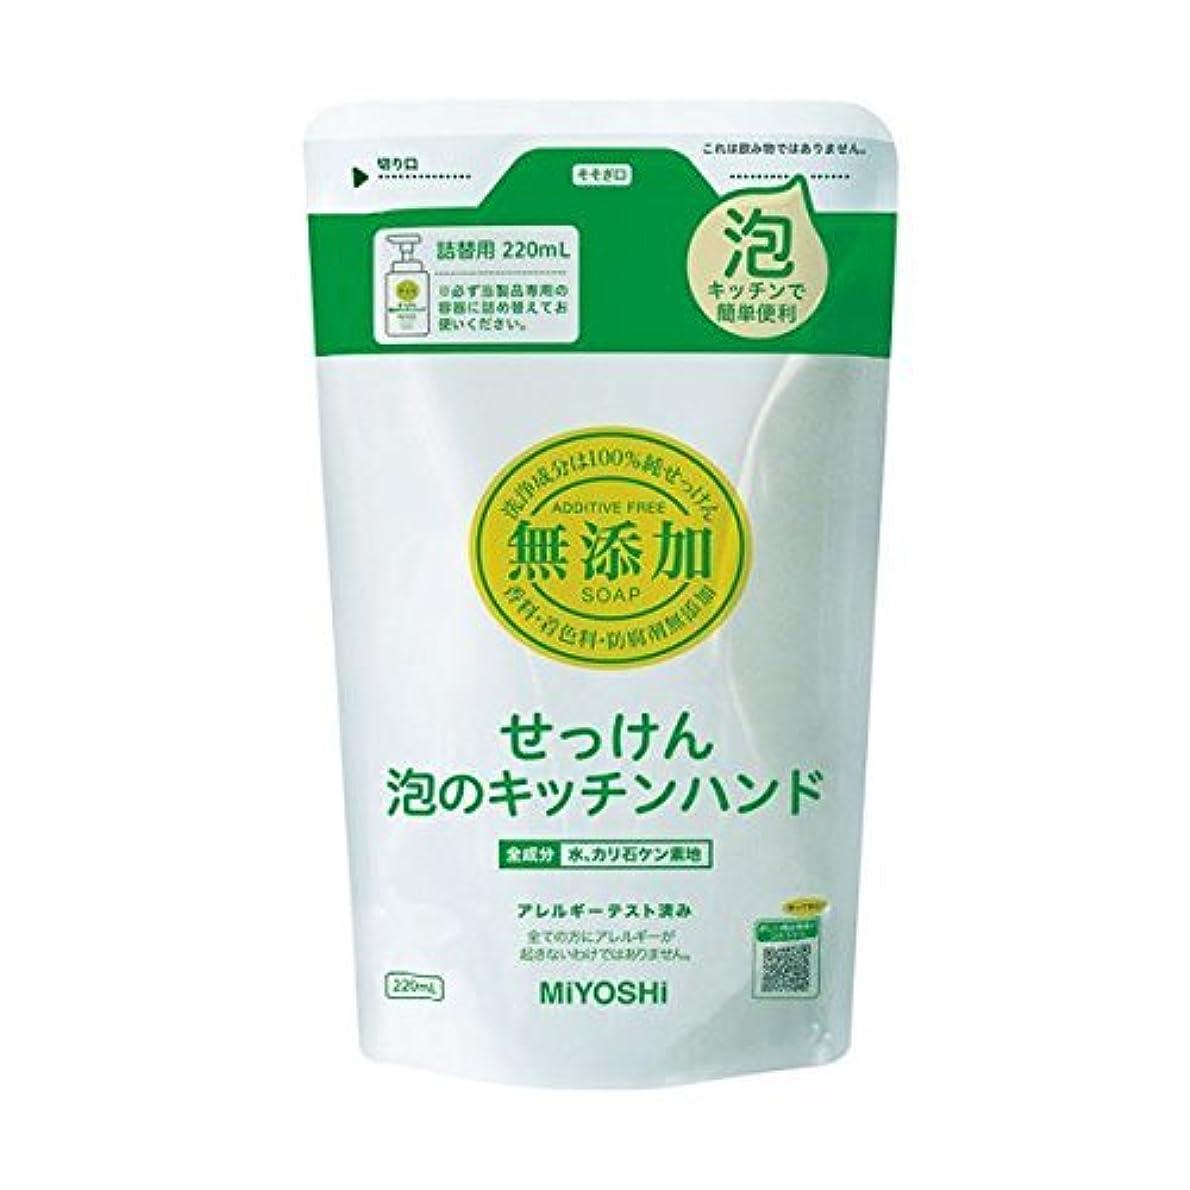 案件余分なバイバイ(お徳用15セット)ミヨシ 無添加 キッチンハンドソープ つめかえ用 220ml(無添加石鹸)×15セット